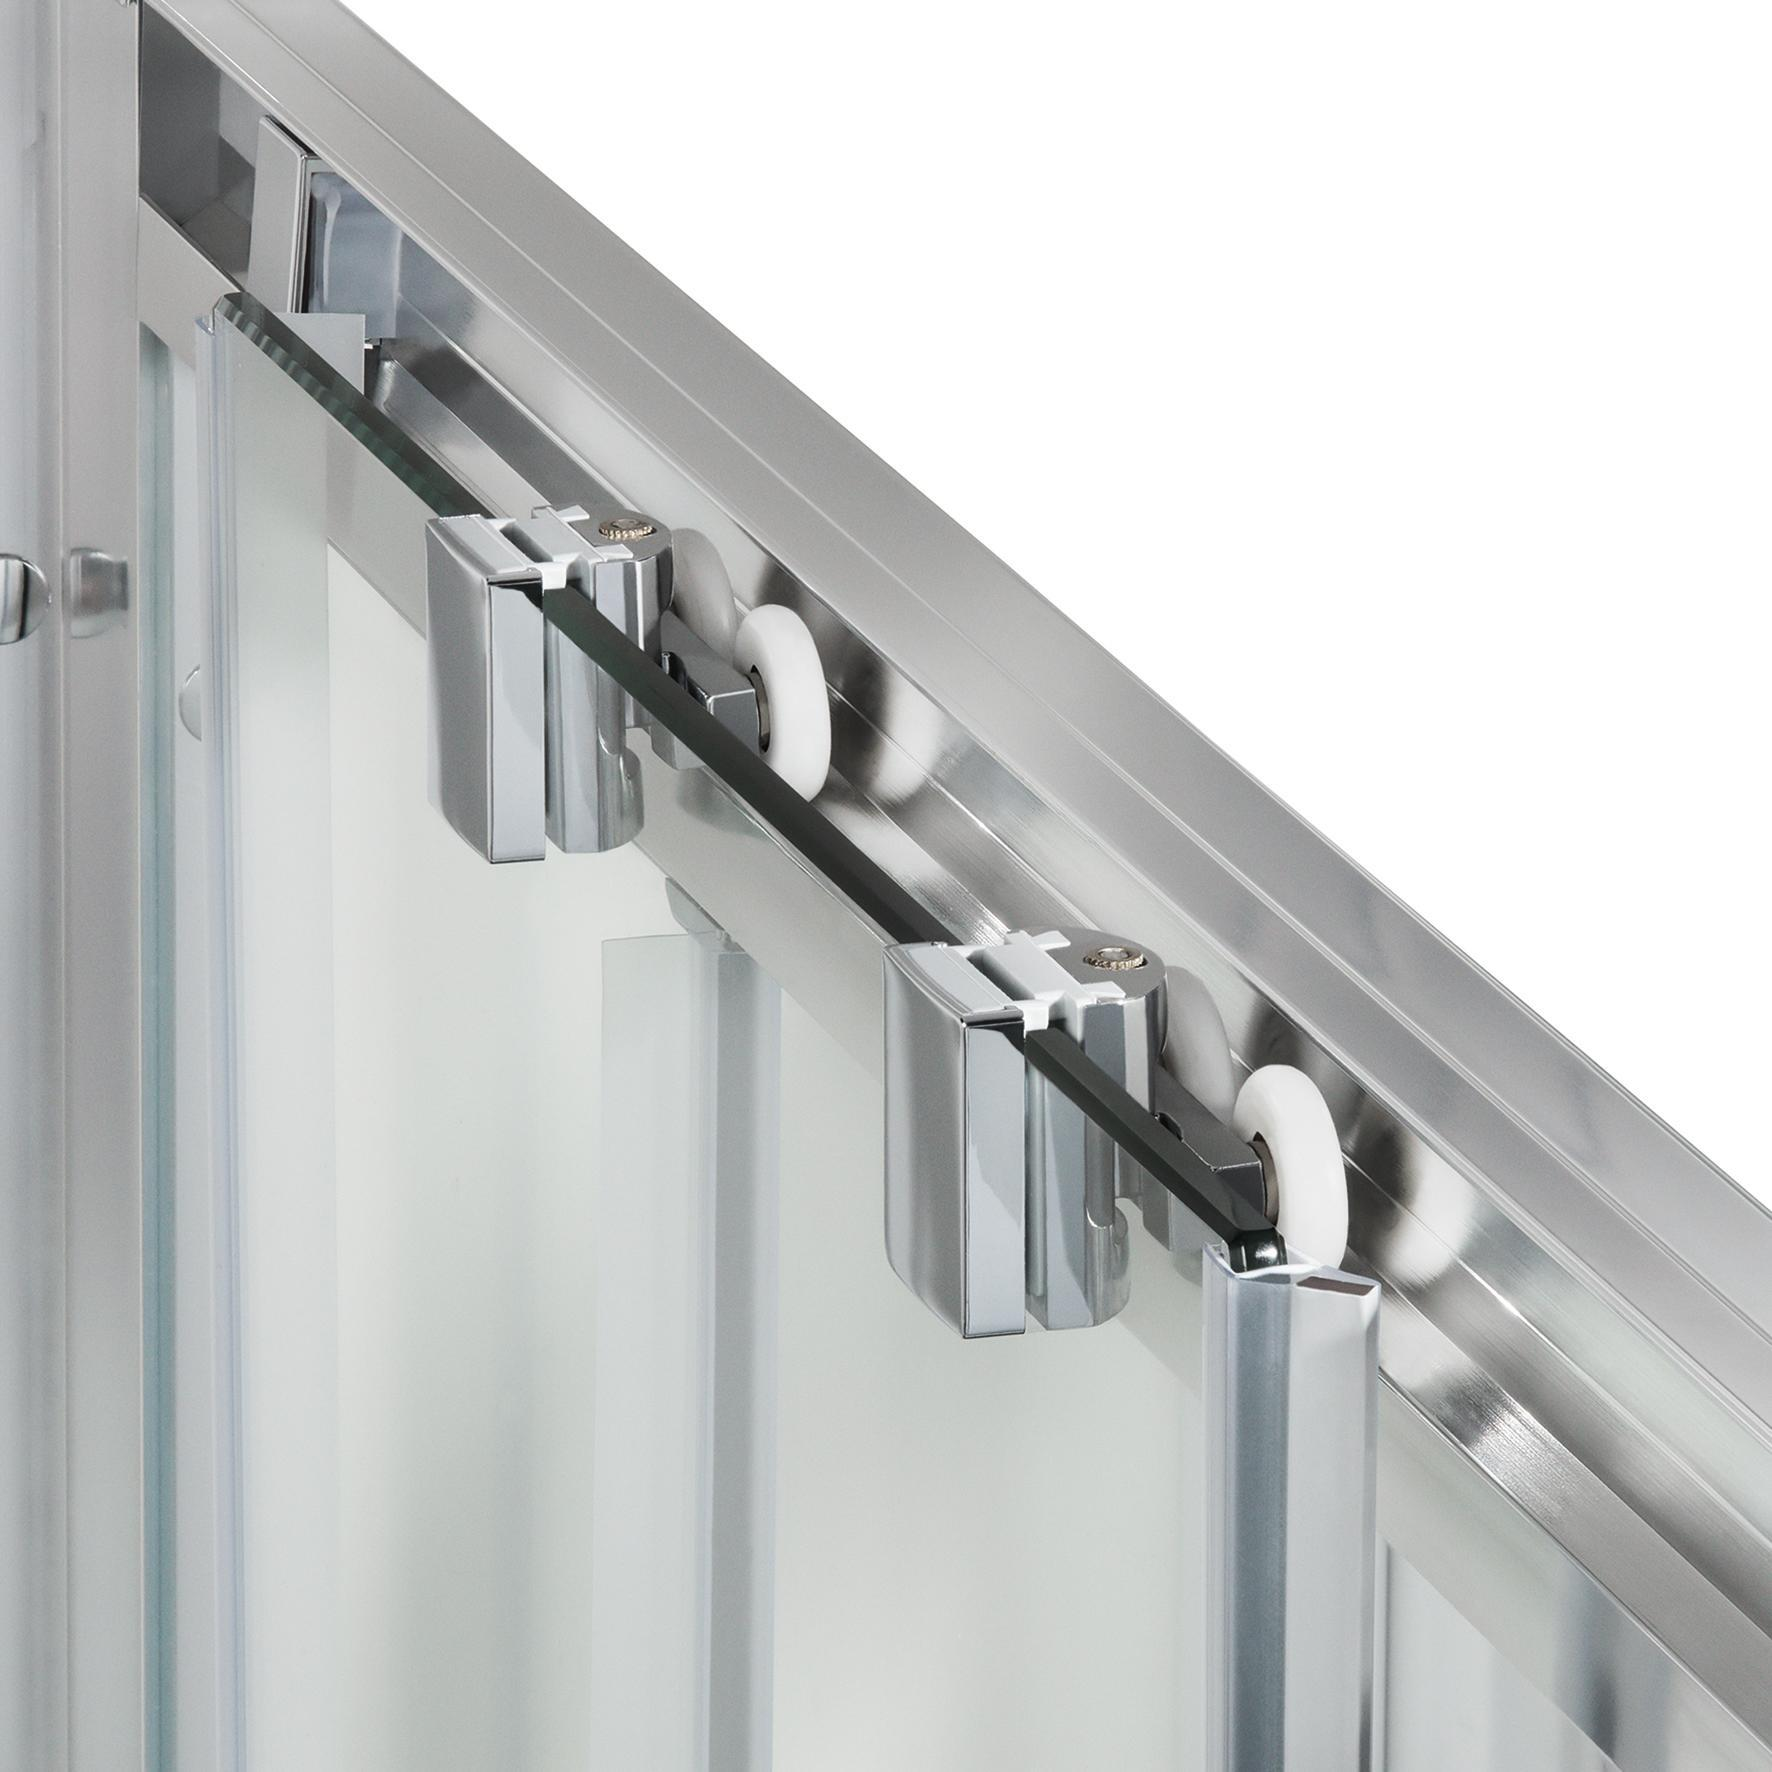 Porta doccia scorrevole Quad 120 cm, H 190 cm in vetro, spessore 6 mm serigrafato cromato - 3